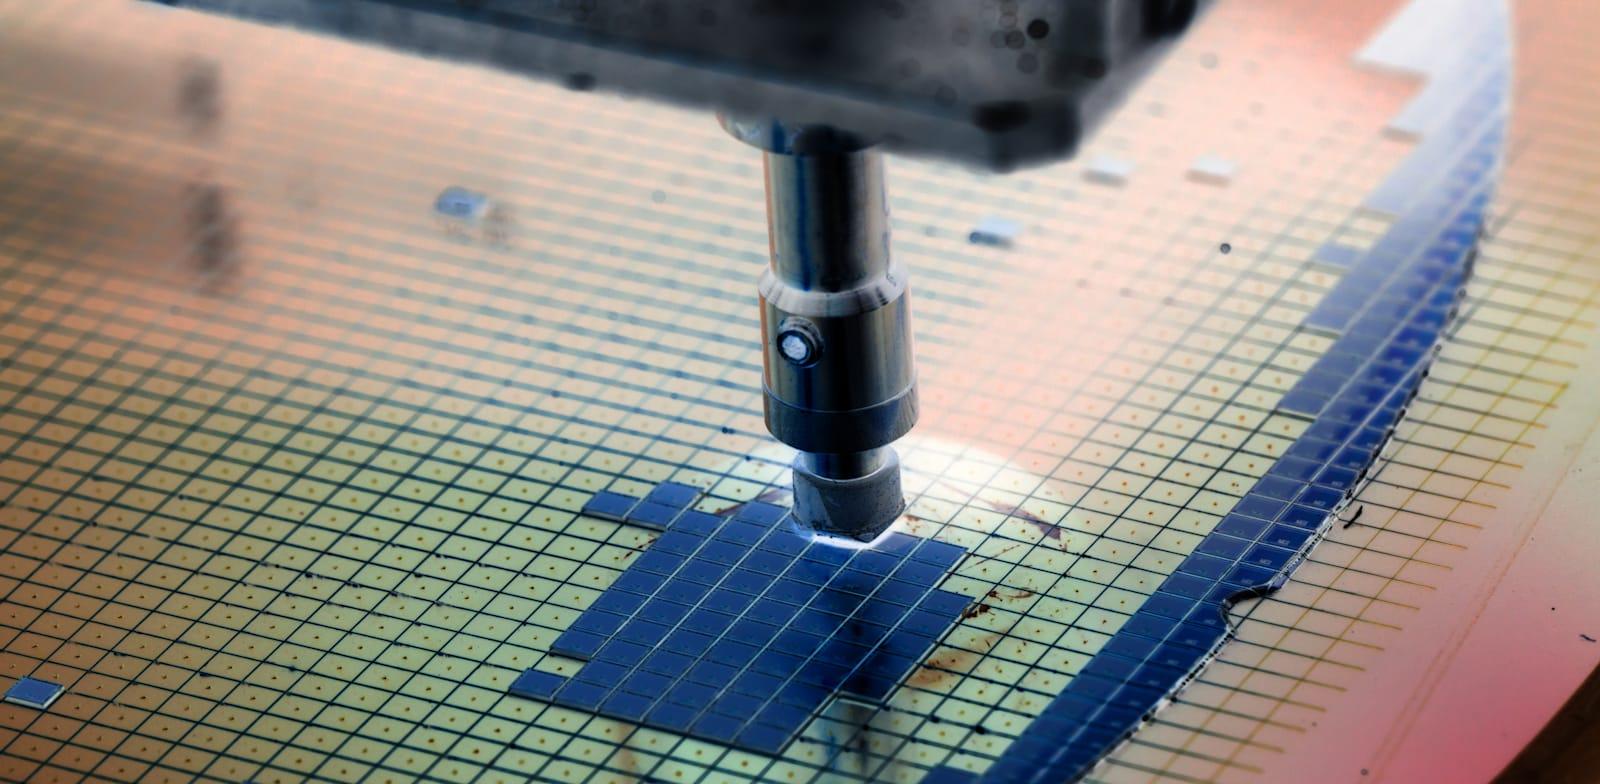 """169 תעשיות בארה""""ב מושפעות באופן ישיר מהמחסור בשבבים / צילום: Shutterstock, Macro photo"""